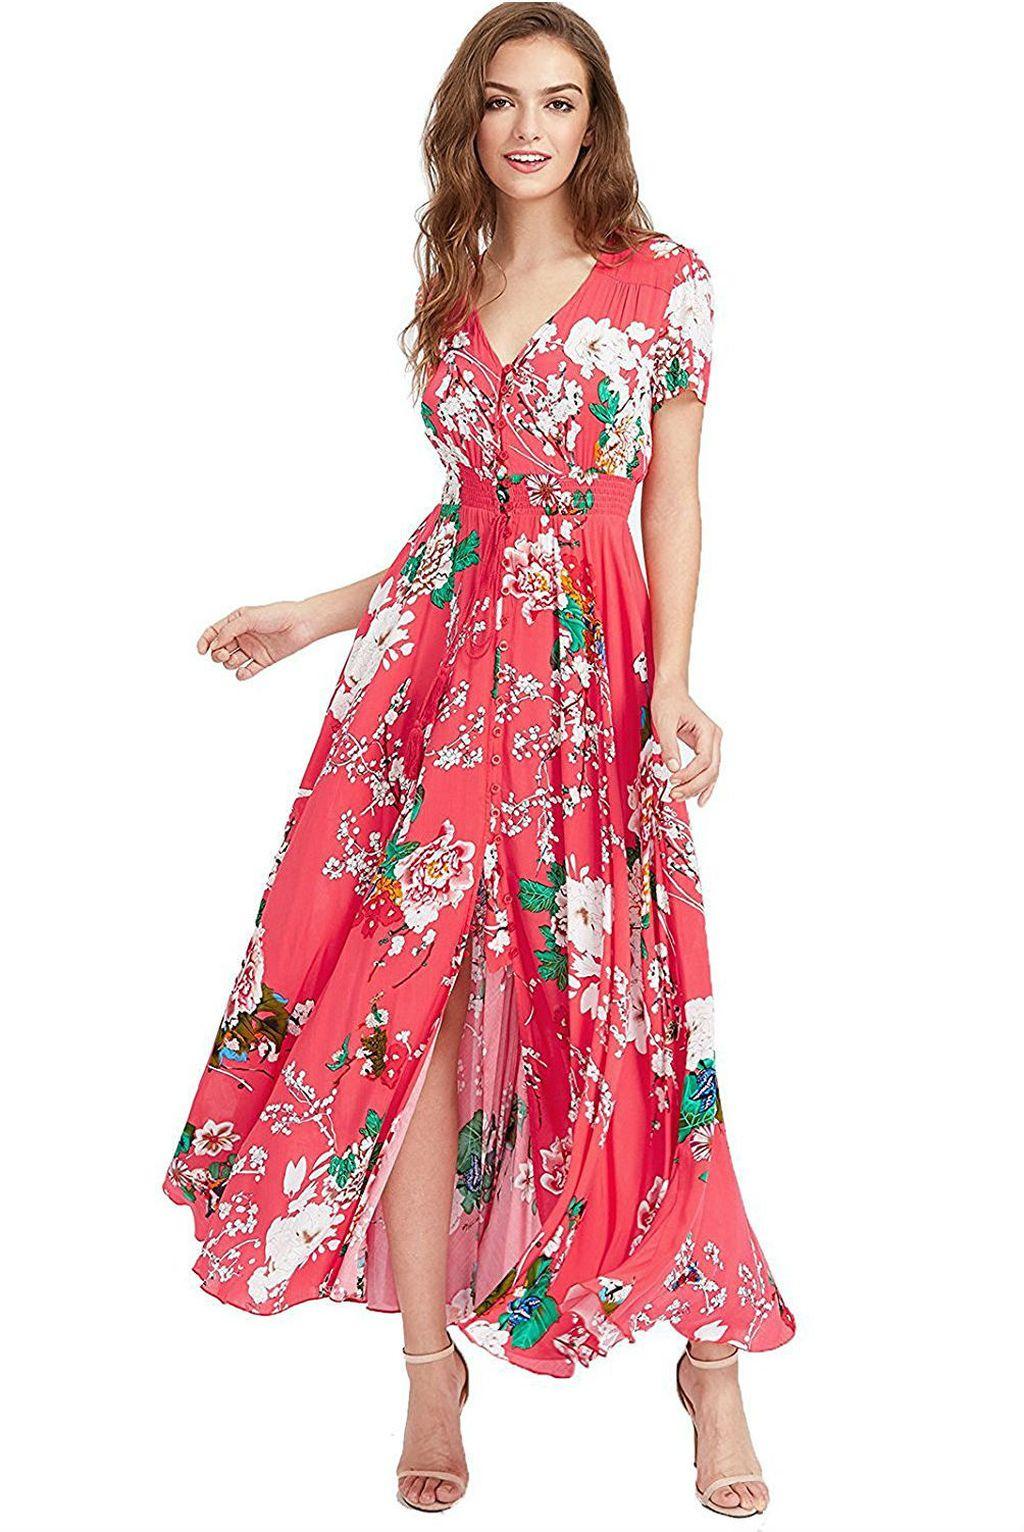 Hit-haljina od 192 kune dostupna u čak 28 uzoraka - 12